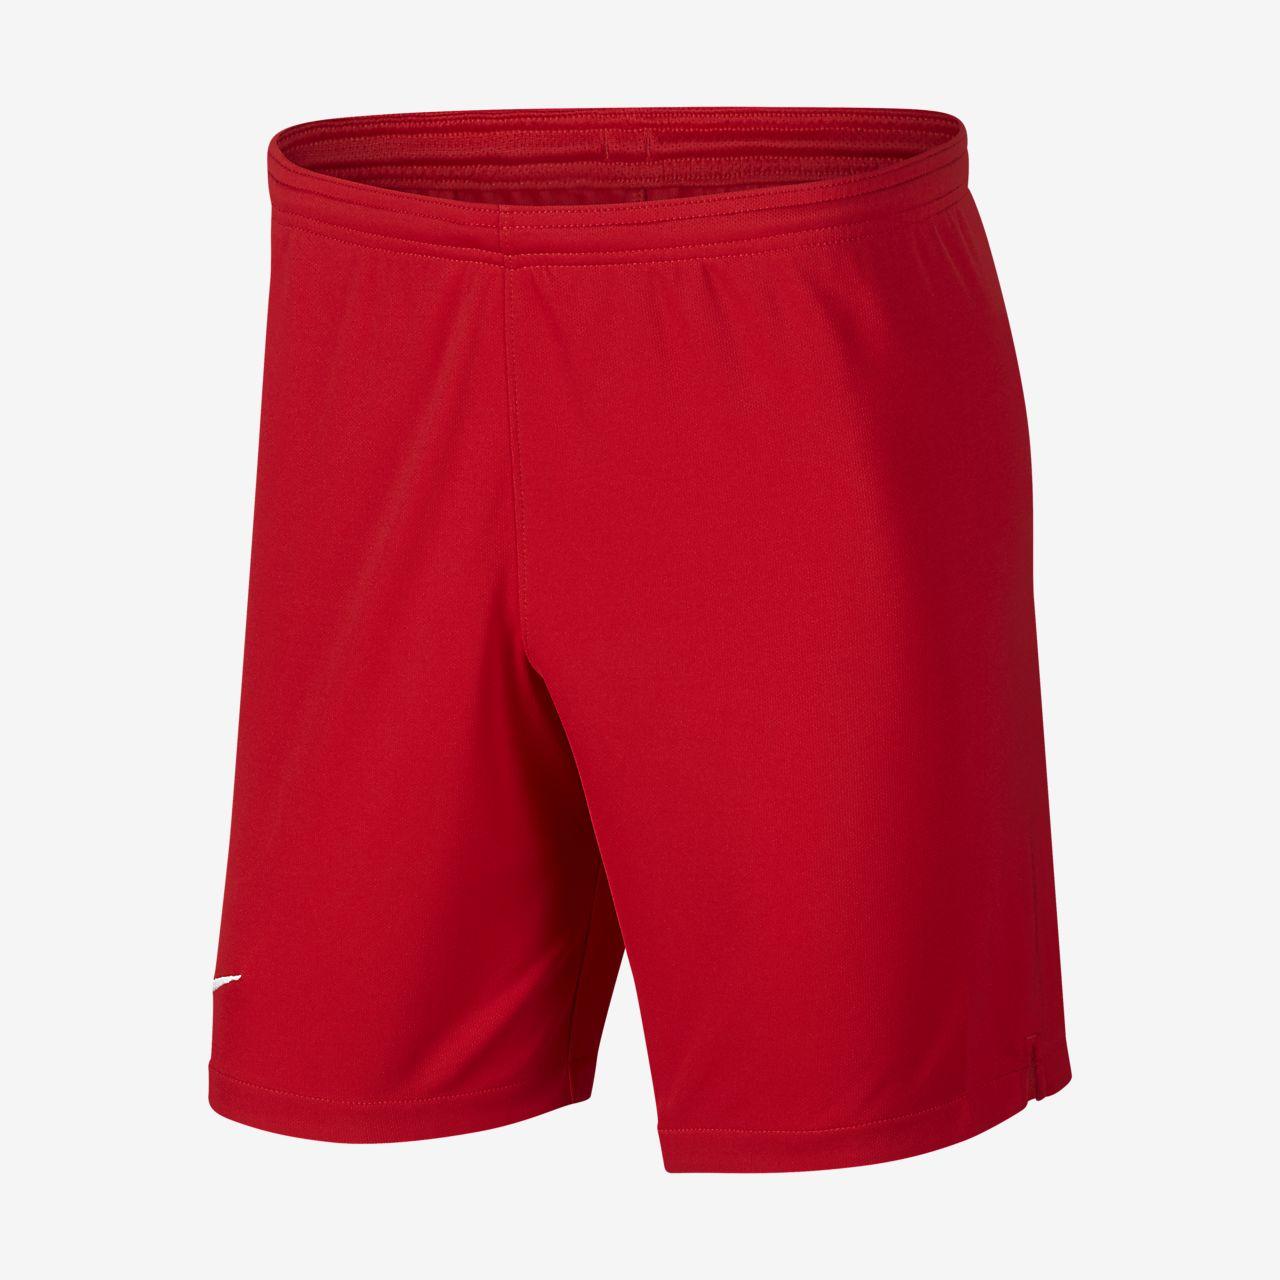 2019 赛季上海上港男子主/客场短裤